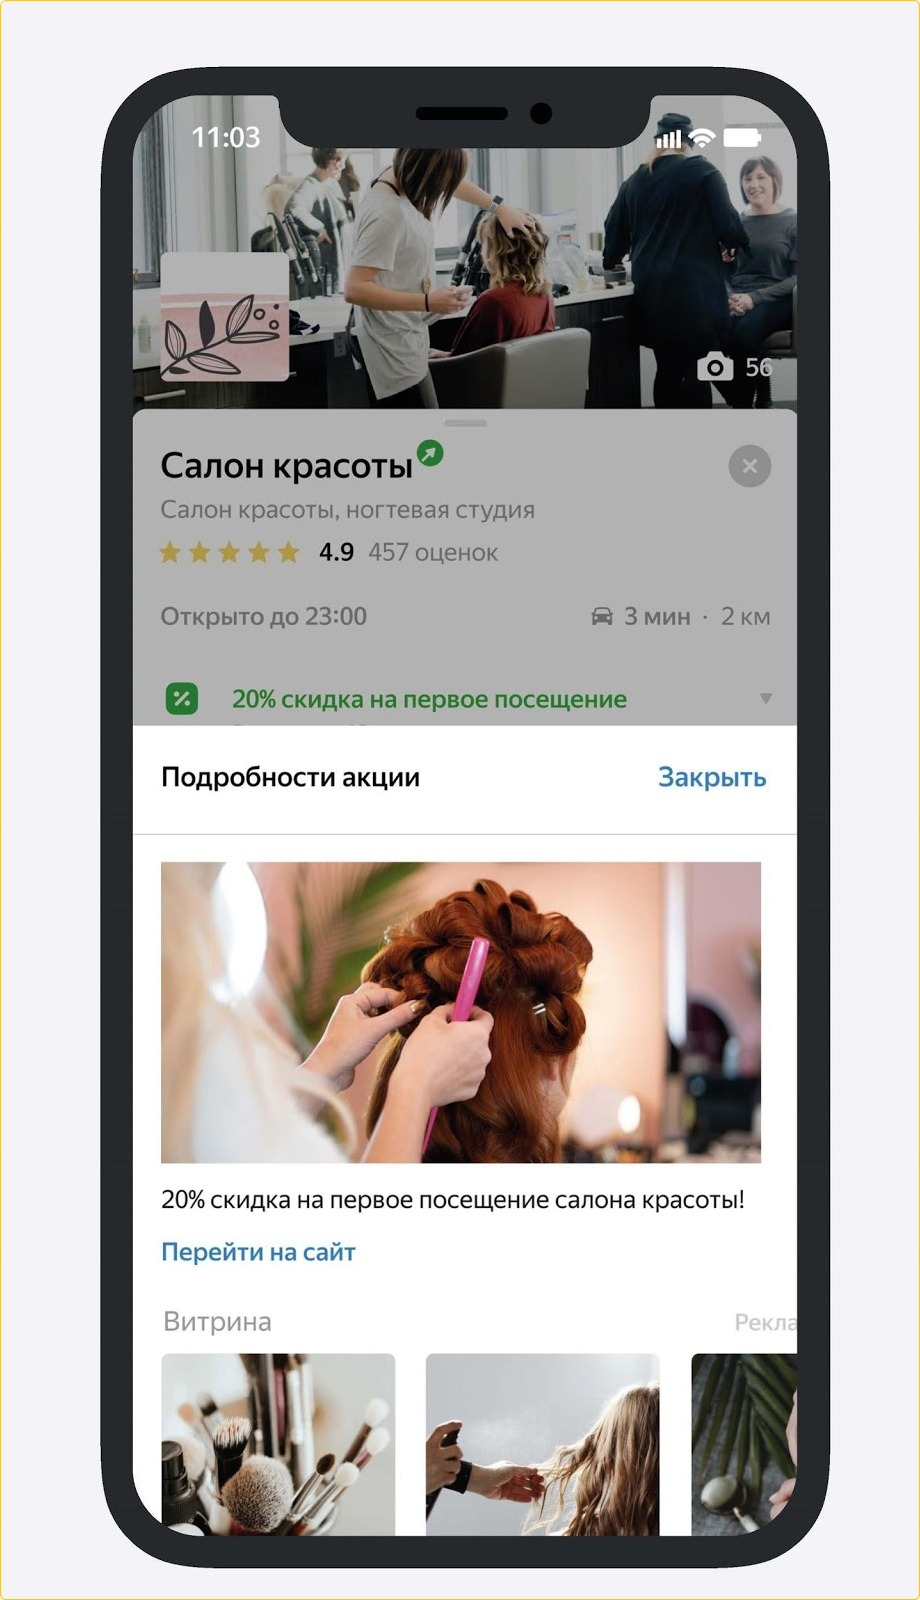 Как настроить рекламную подписку в Яндекс